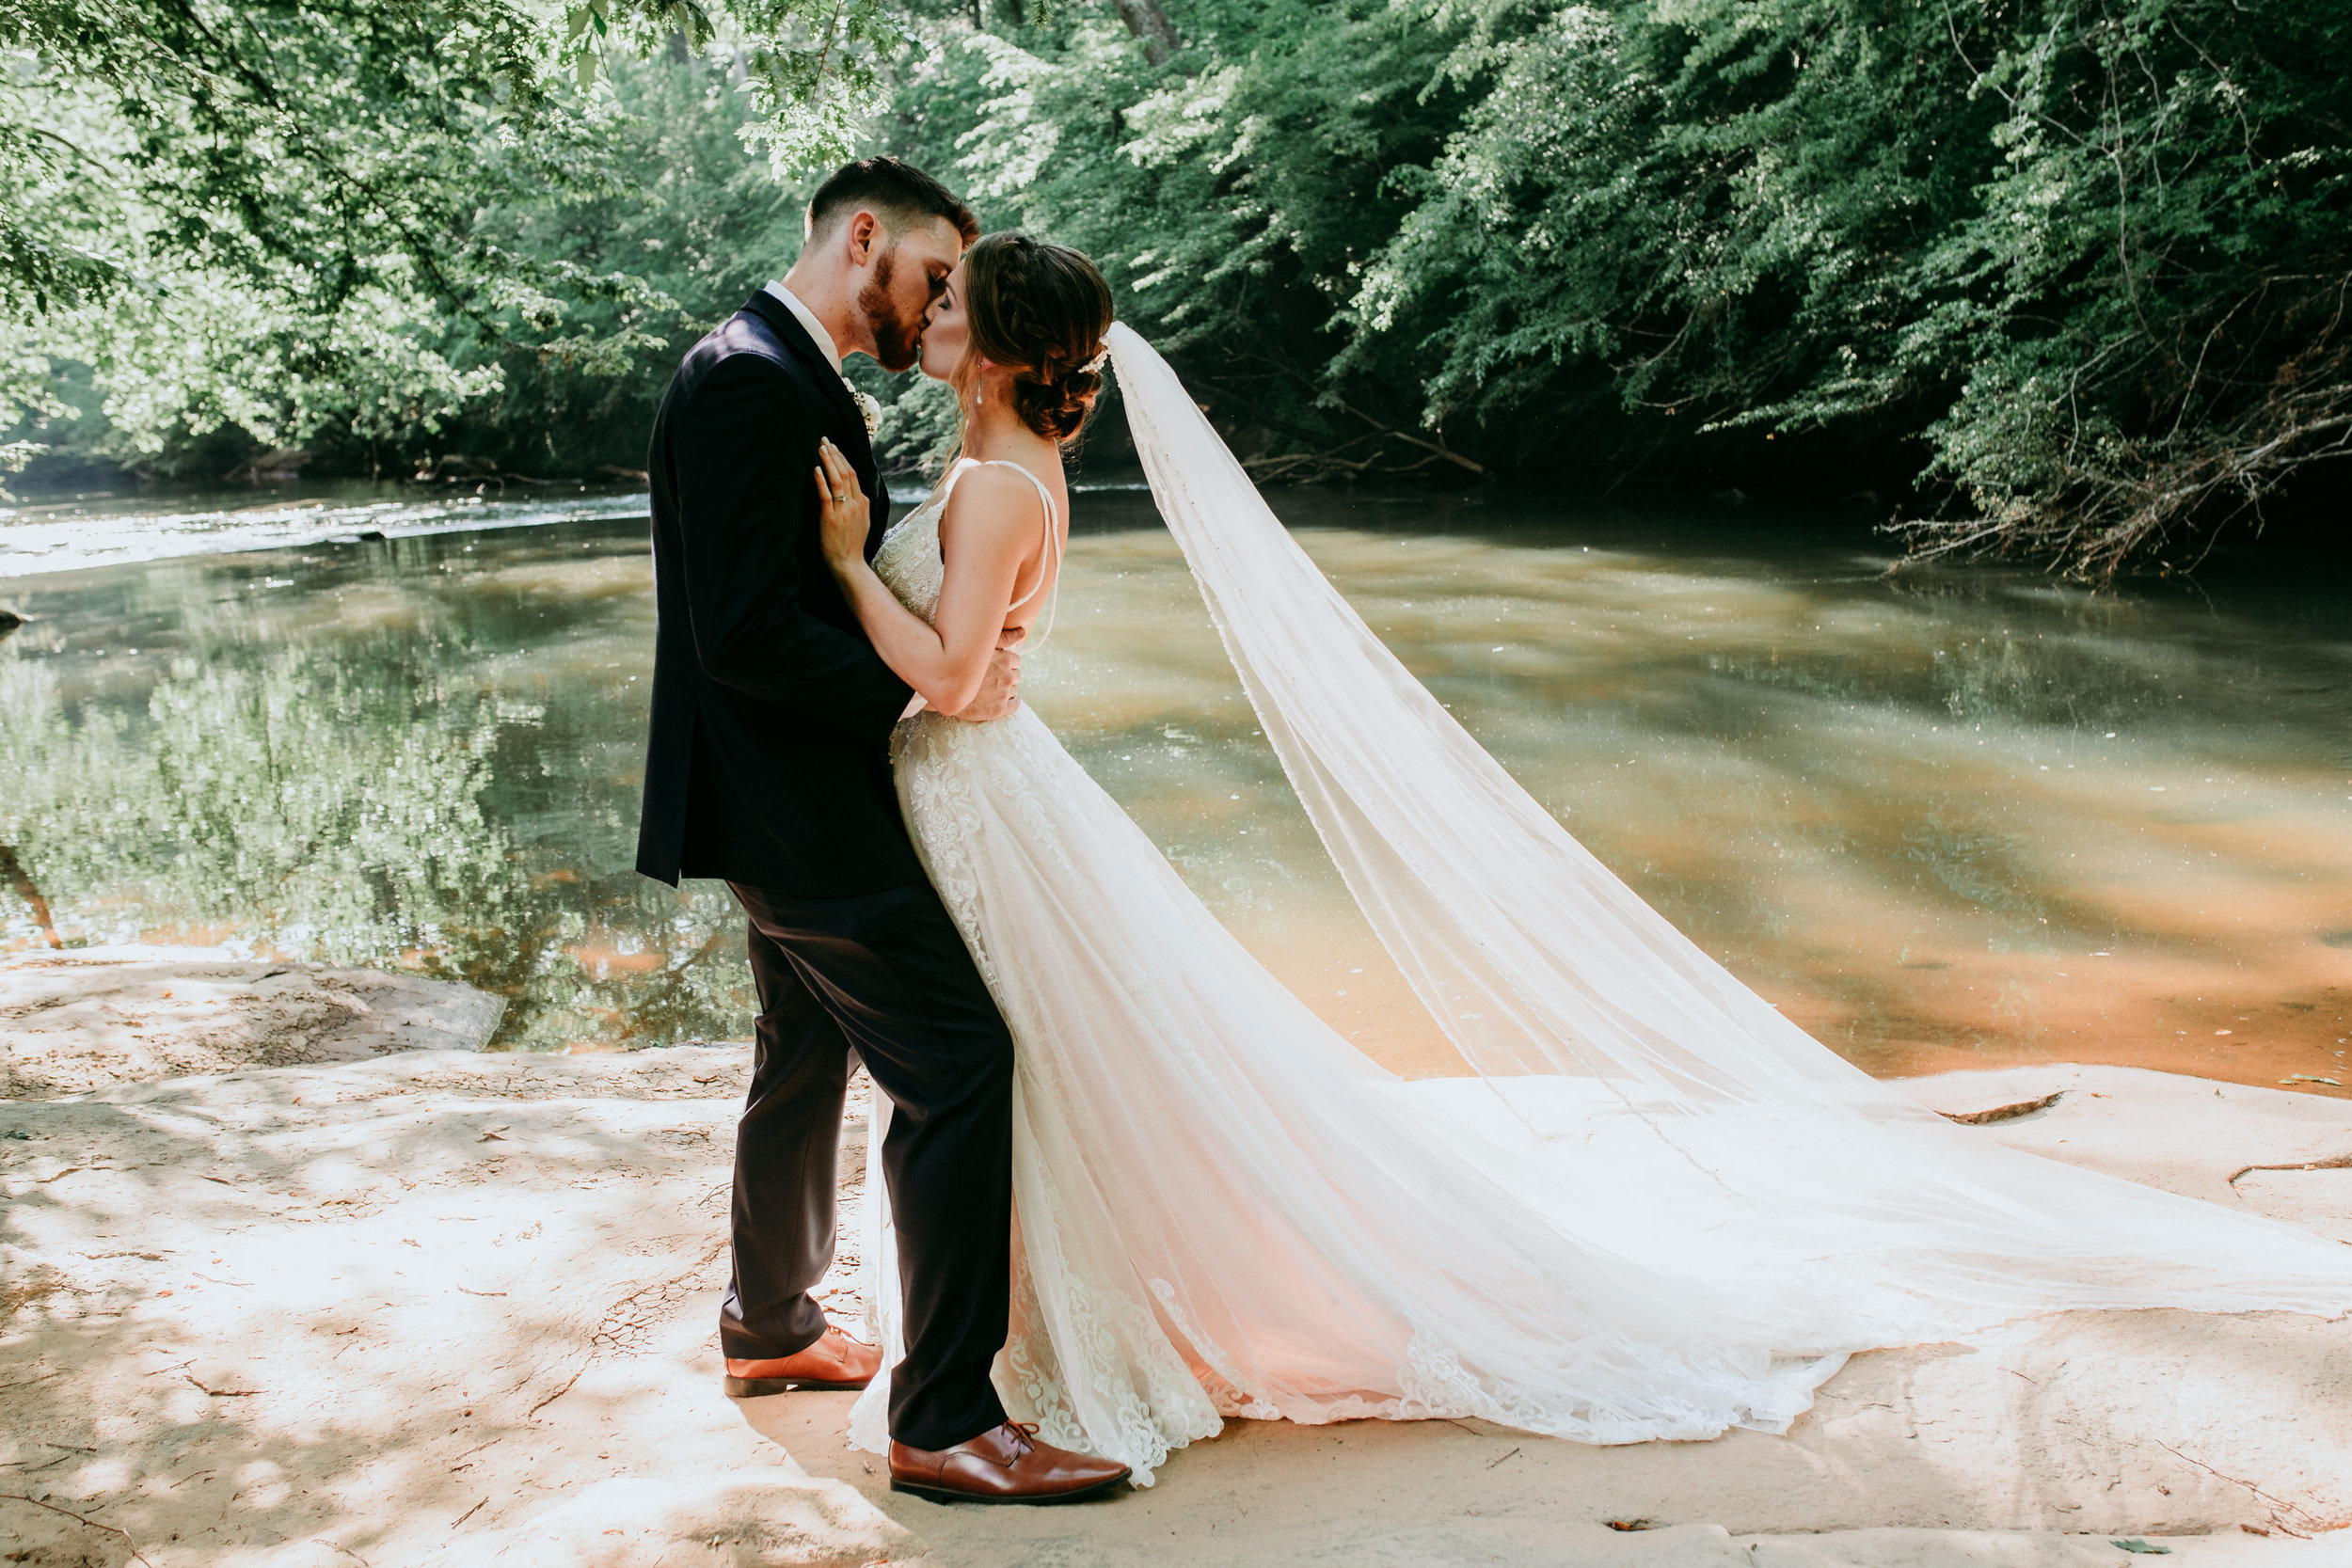 unique-bride-and-groom-photos.jpg